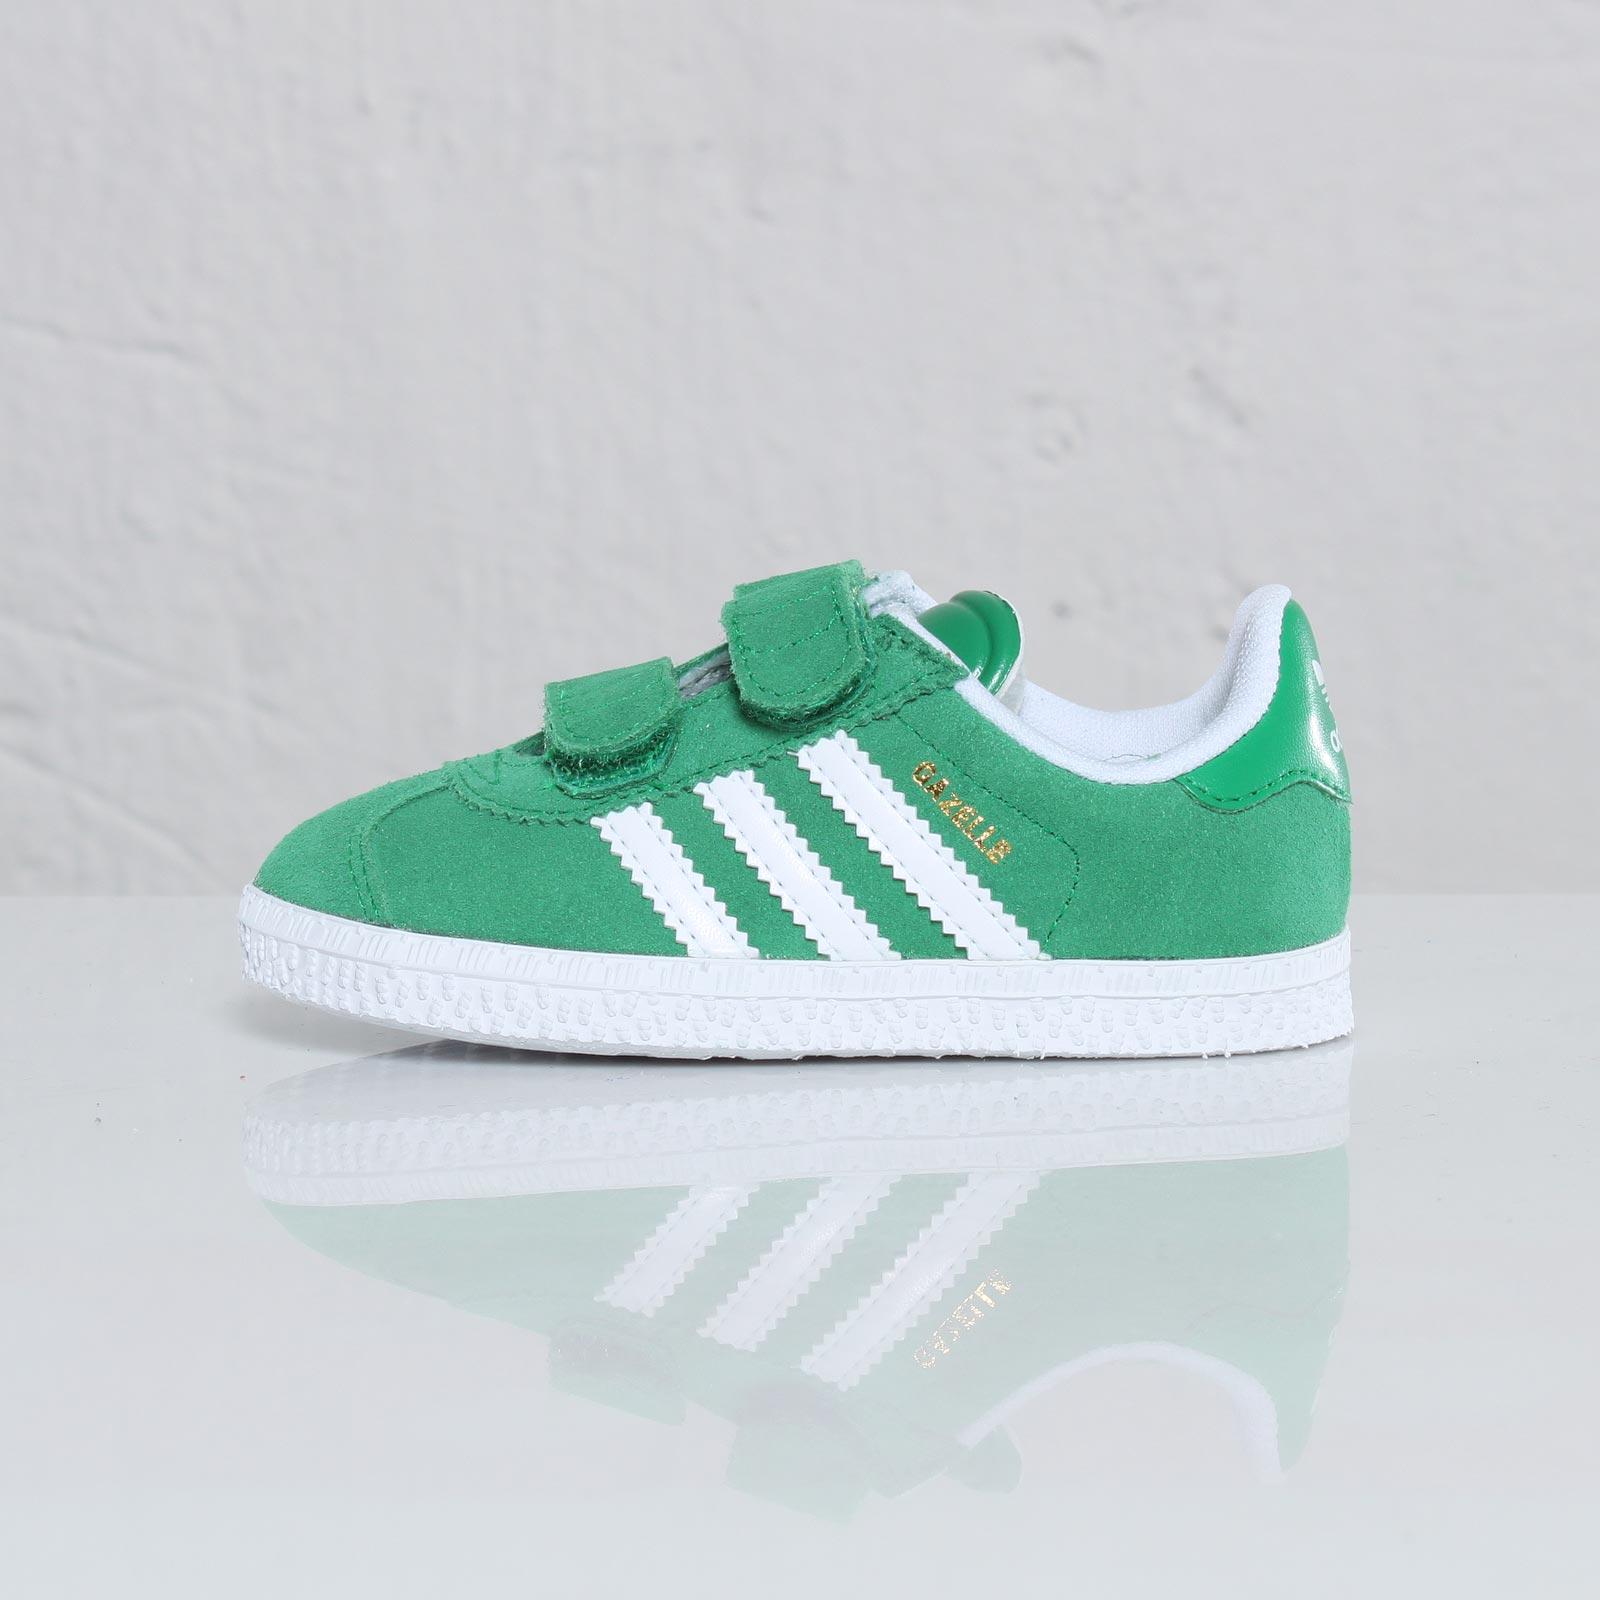 adidas Gazelle 2 CF Infant - 109303 - SNS   sneakers & streetwear ...